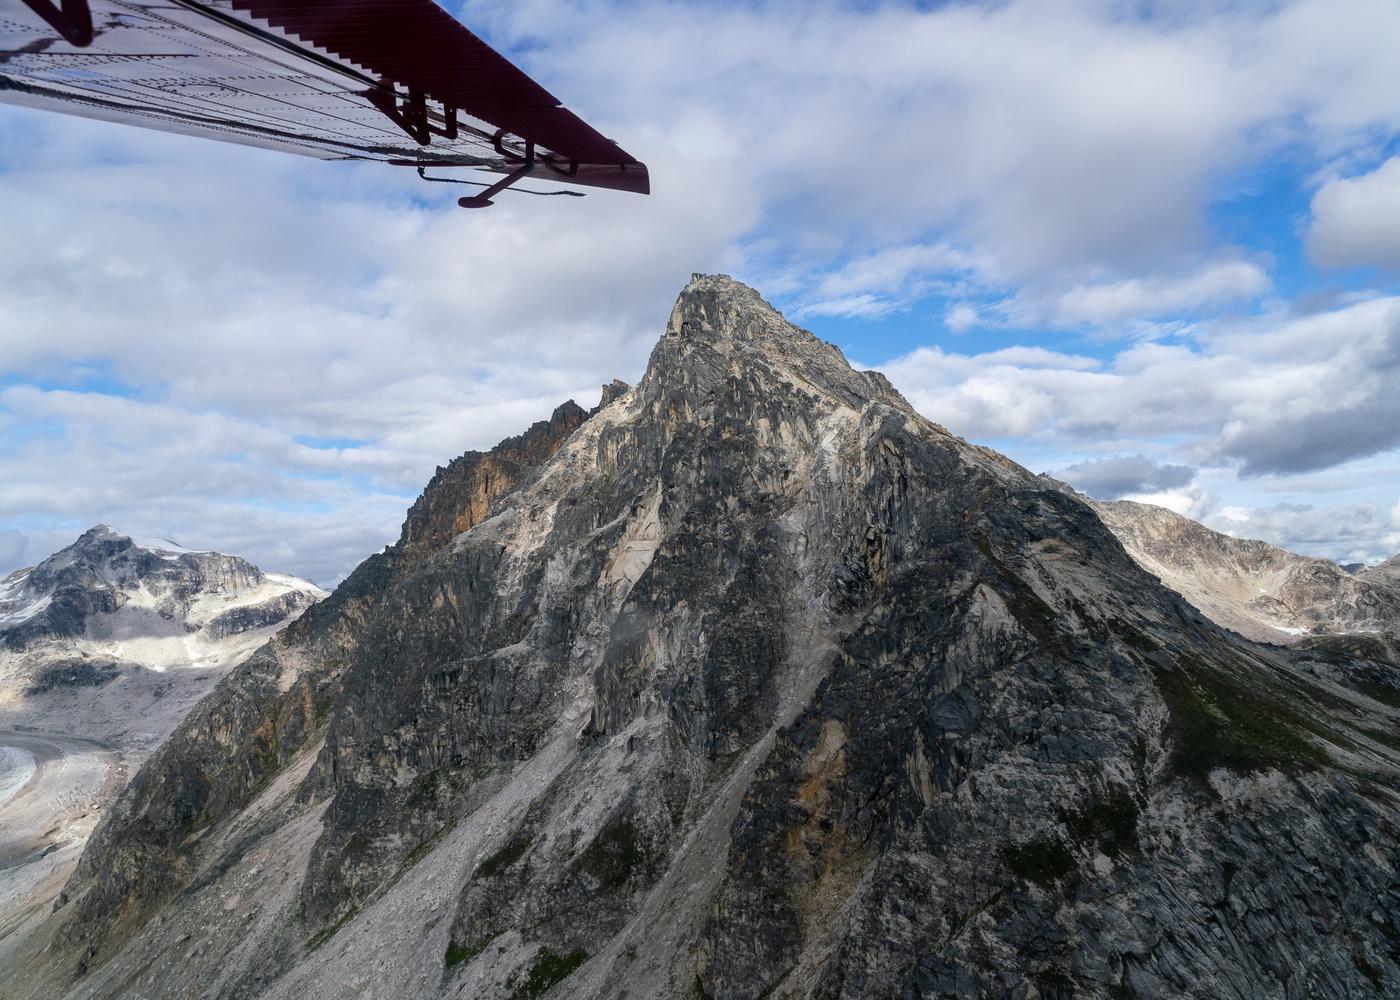 Peak by Nicholas Vettorel